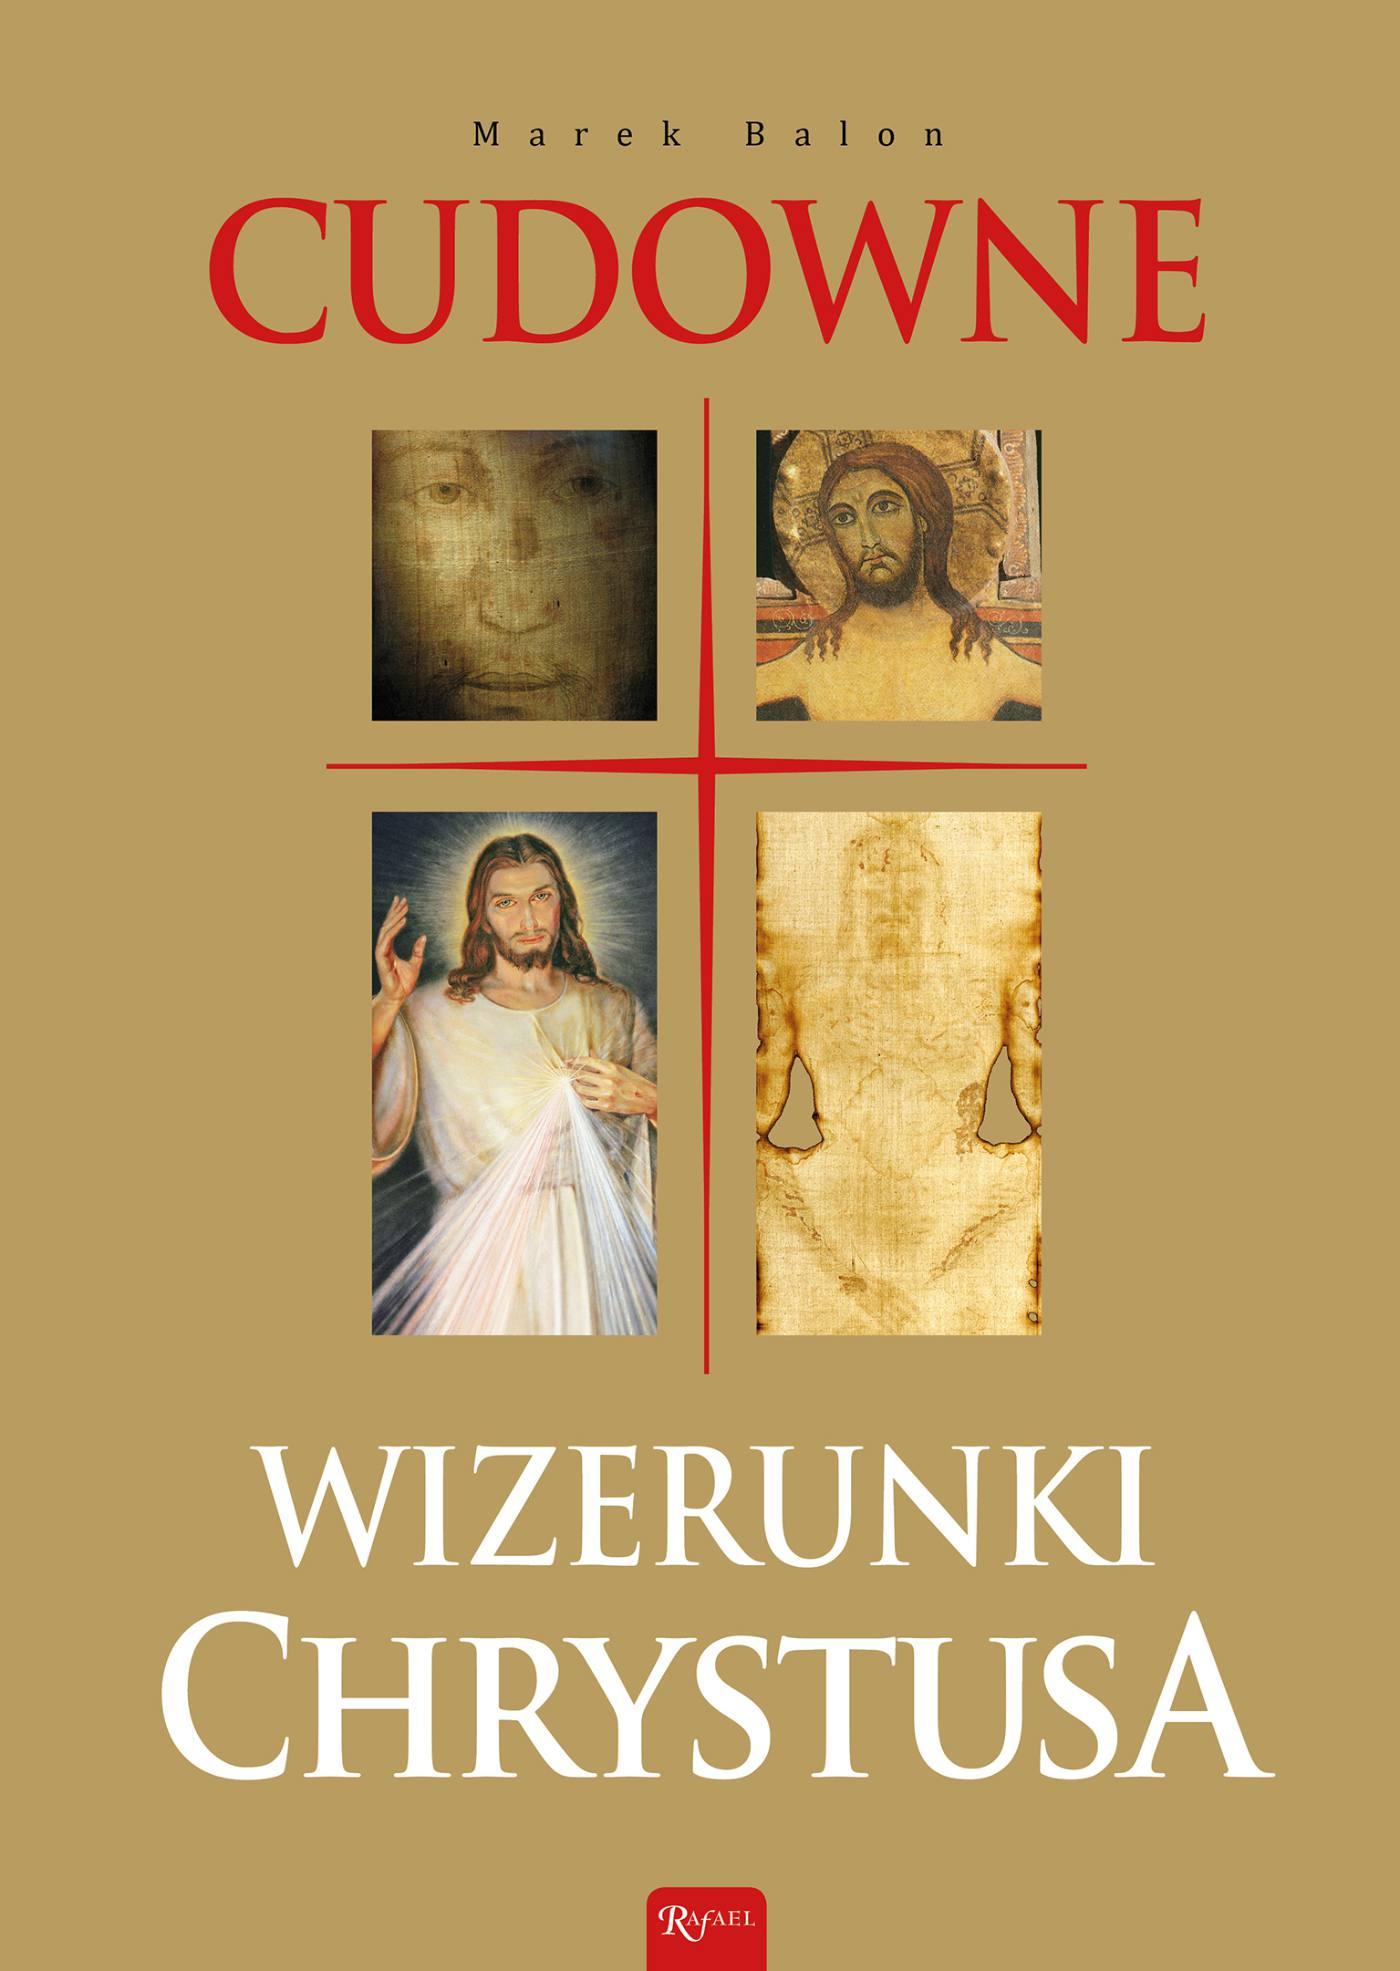 Cudowne wizerunki Chrystusa - Ebook (Książka na Kindle) do pobrania w formacie MOBI